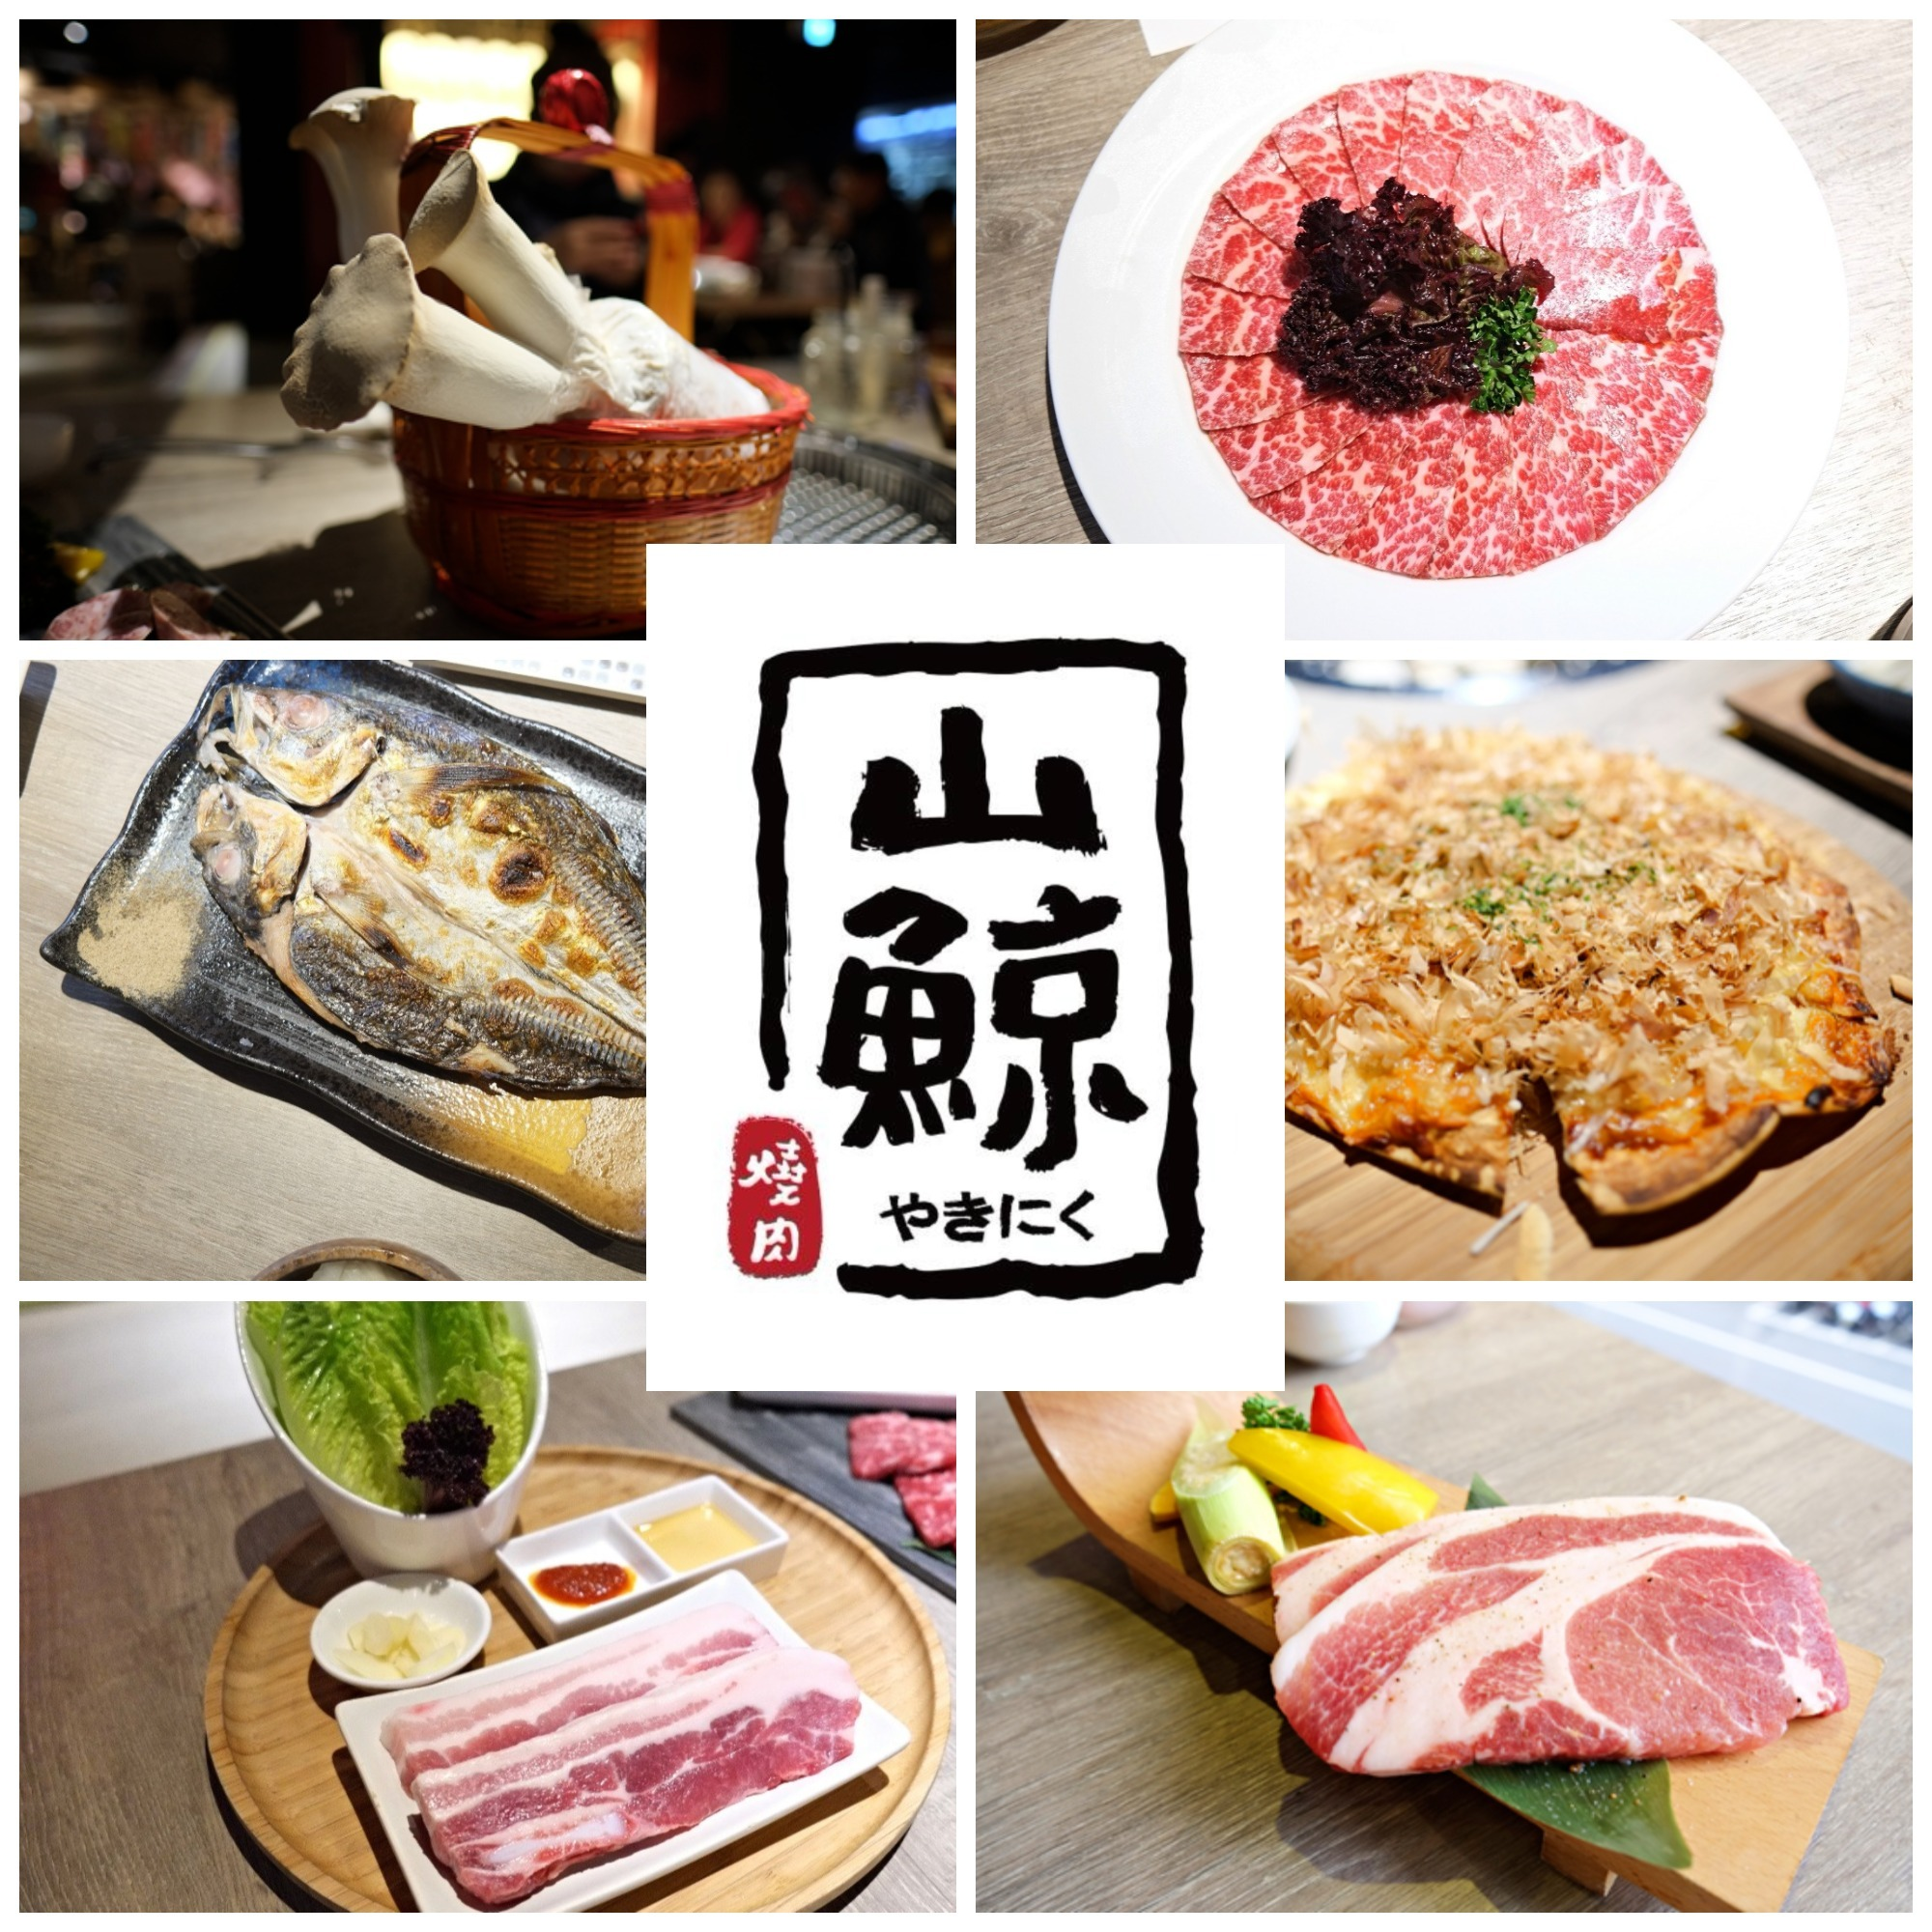 台中山鯨燒肉-雙人套餐 優質燒肉套餐